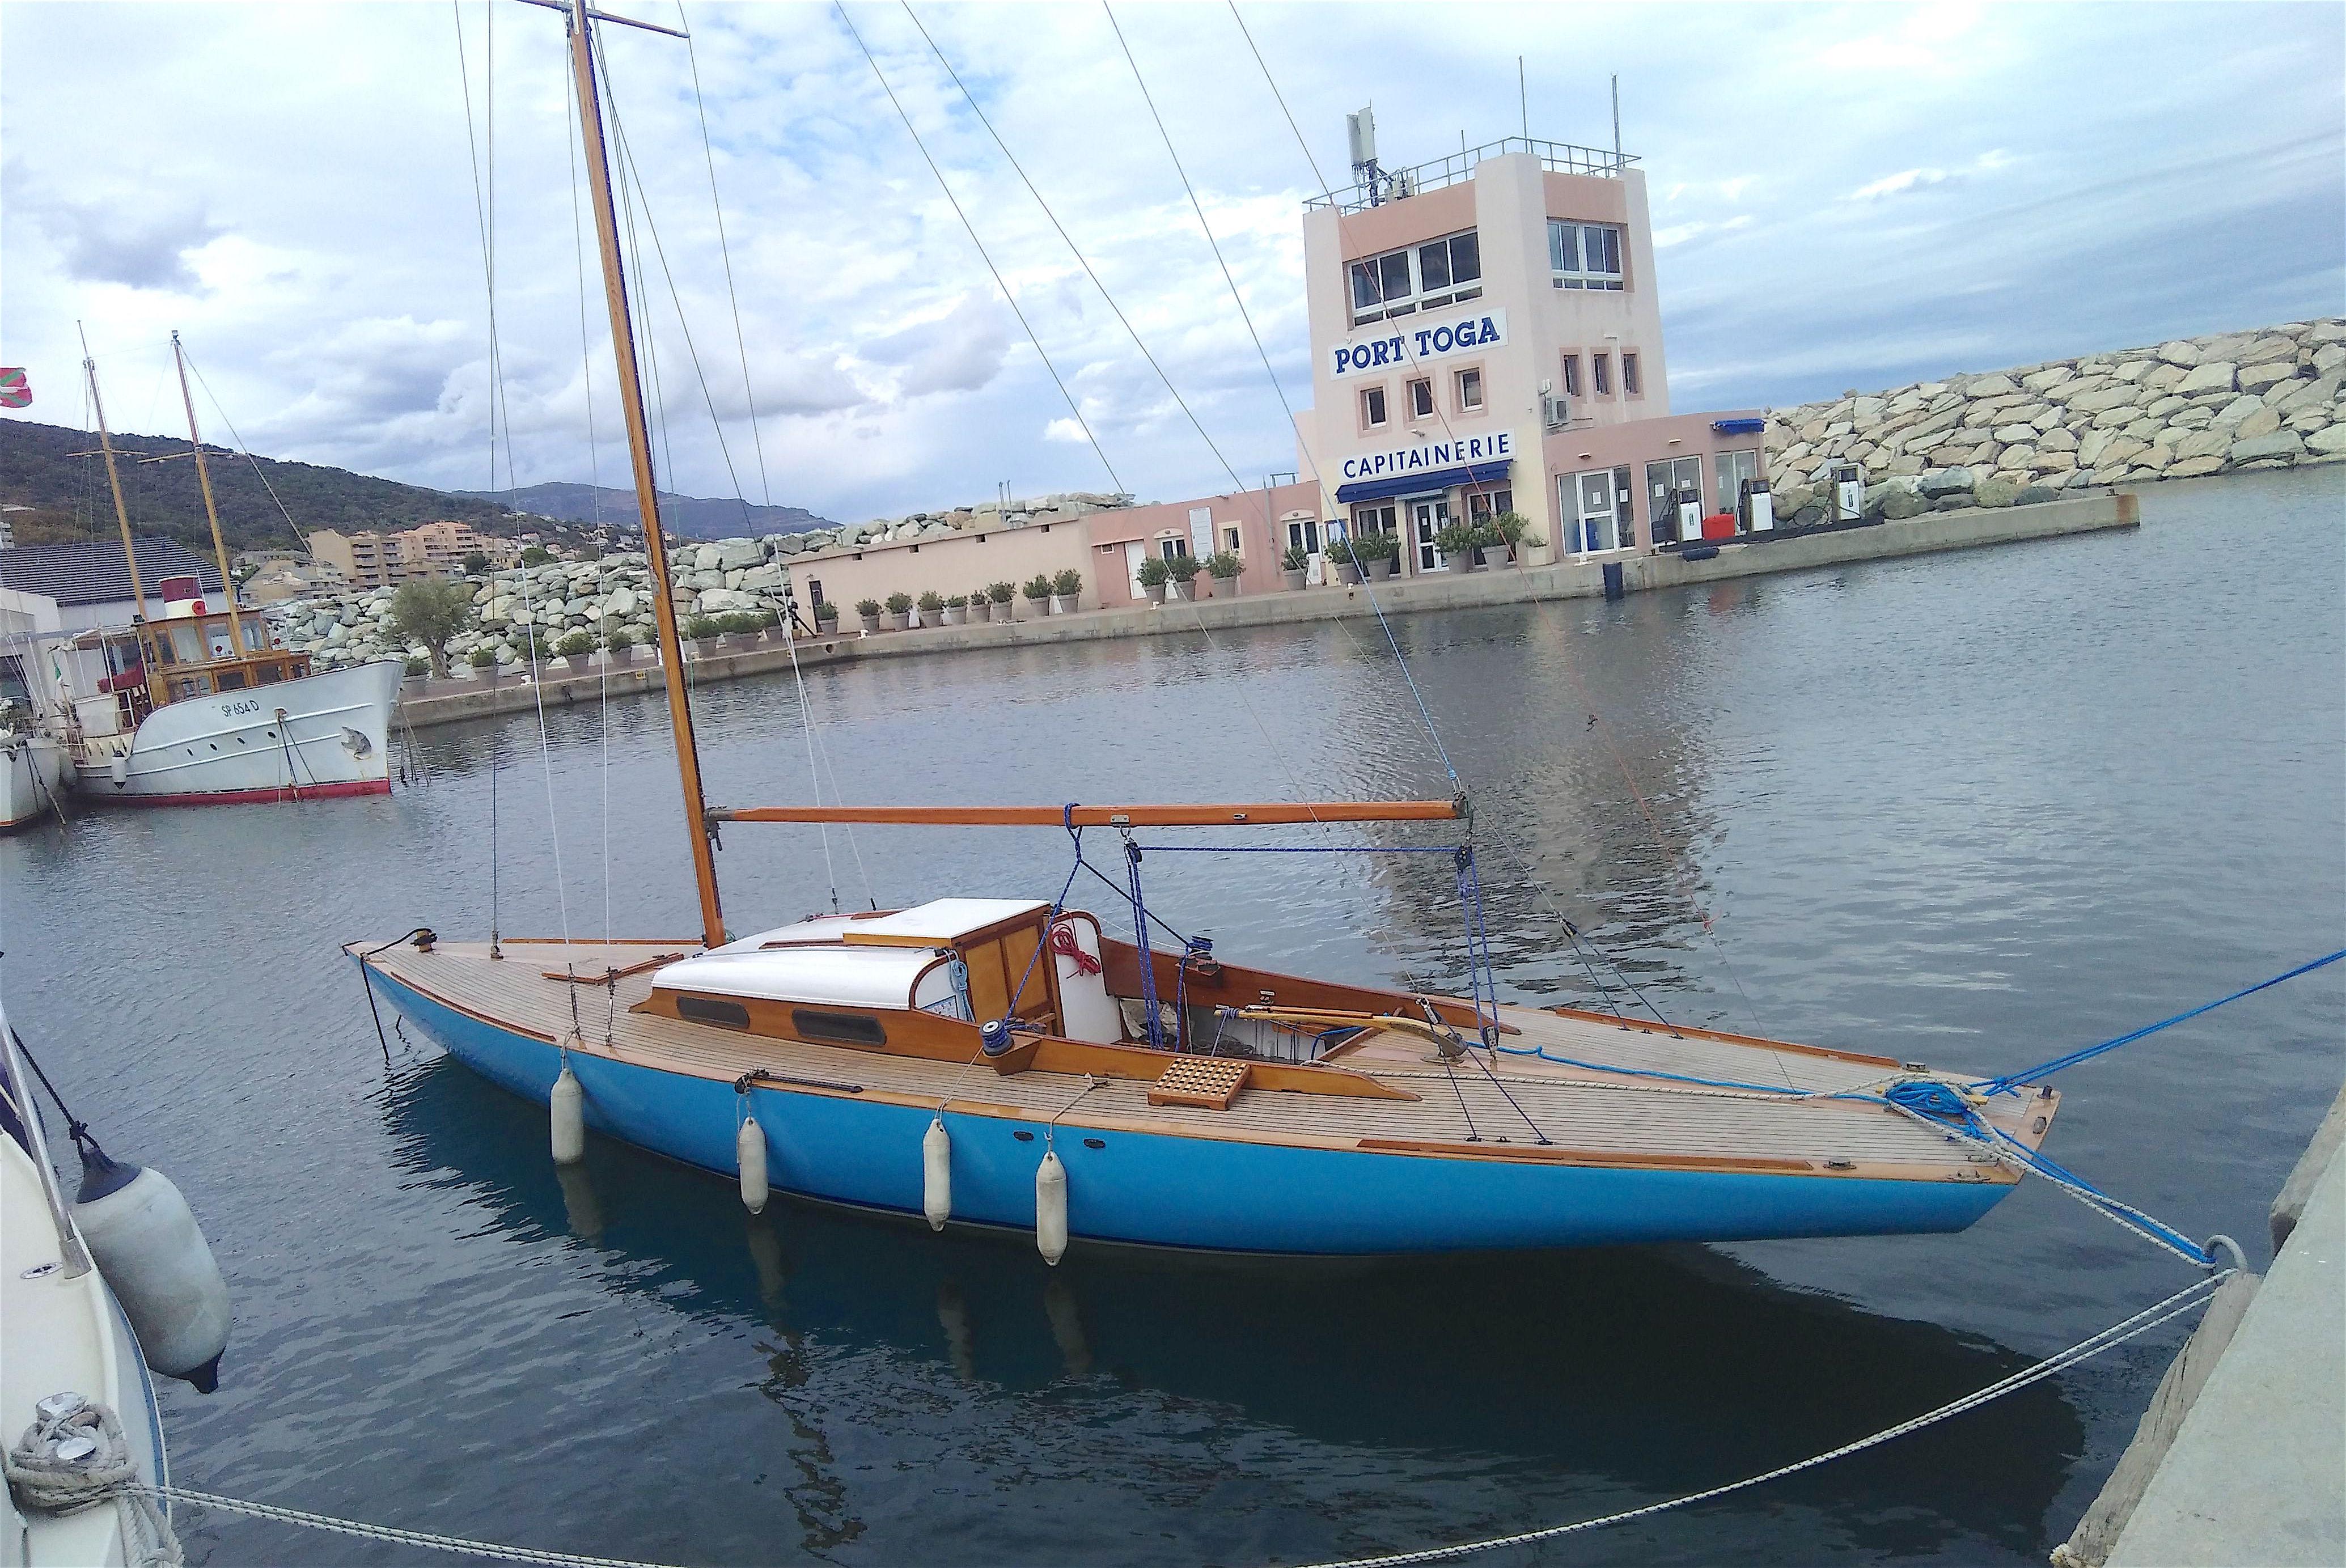 Du lac d'Annecy à Port Toga